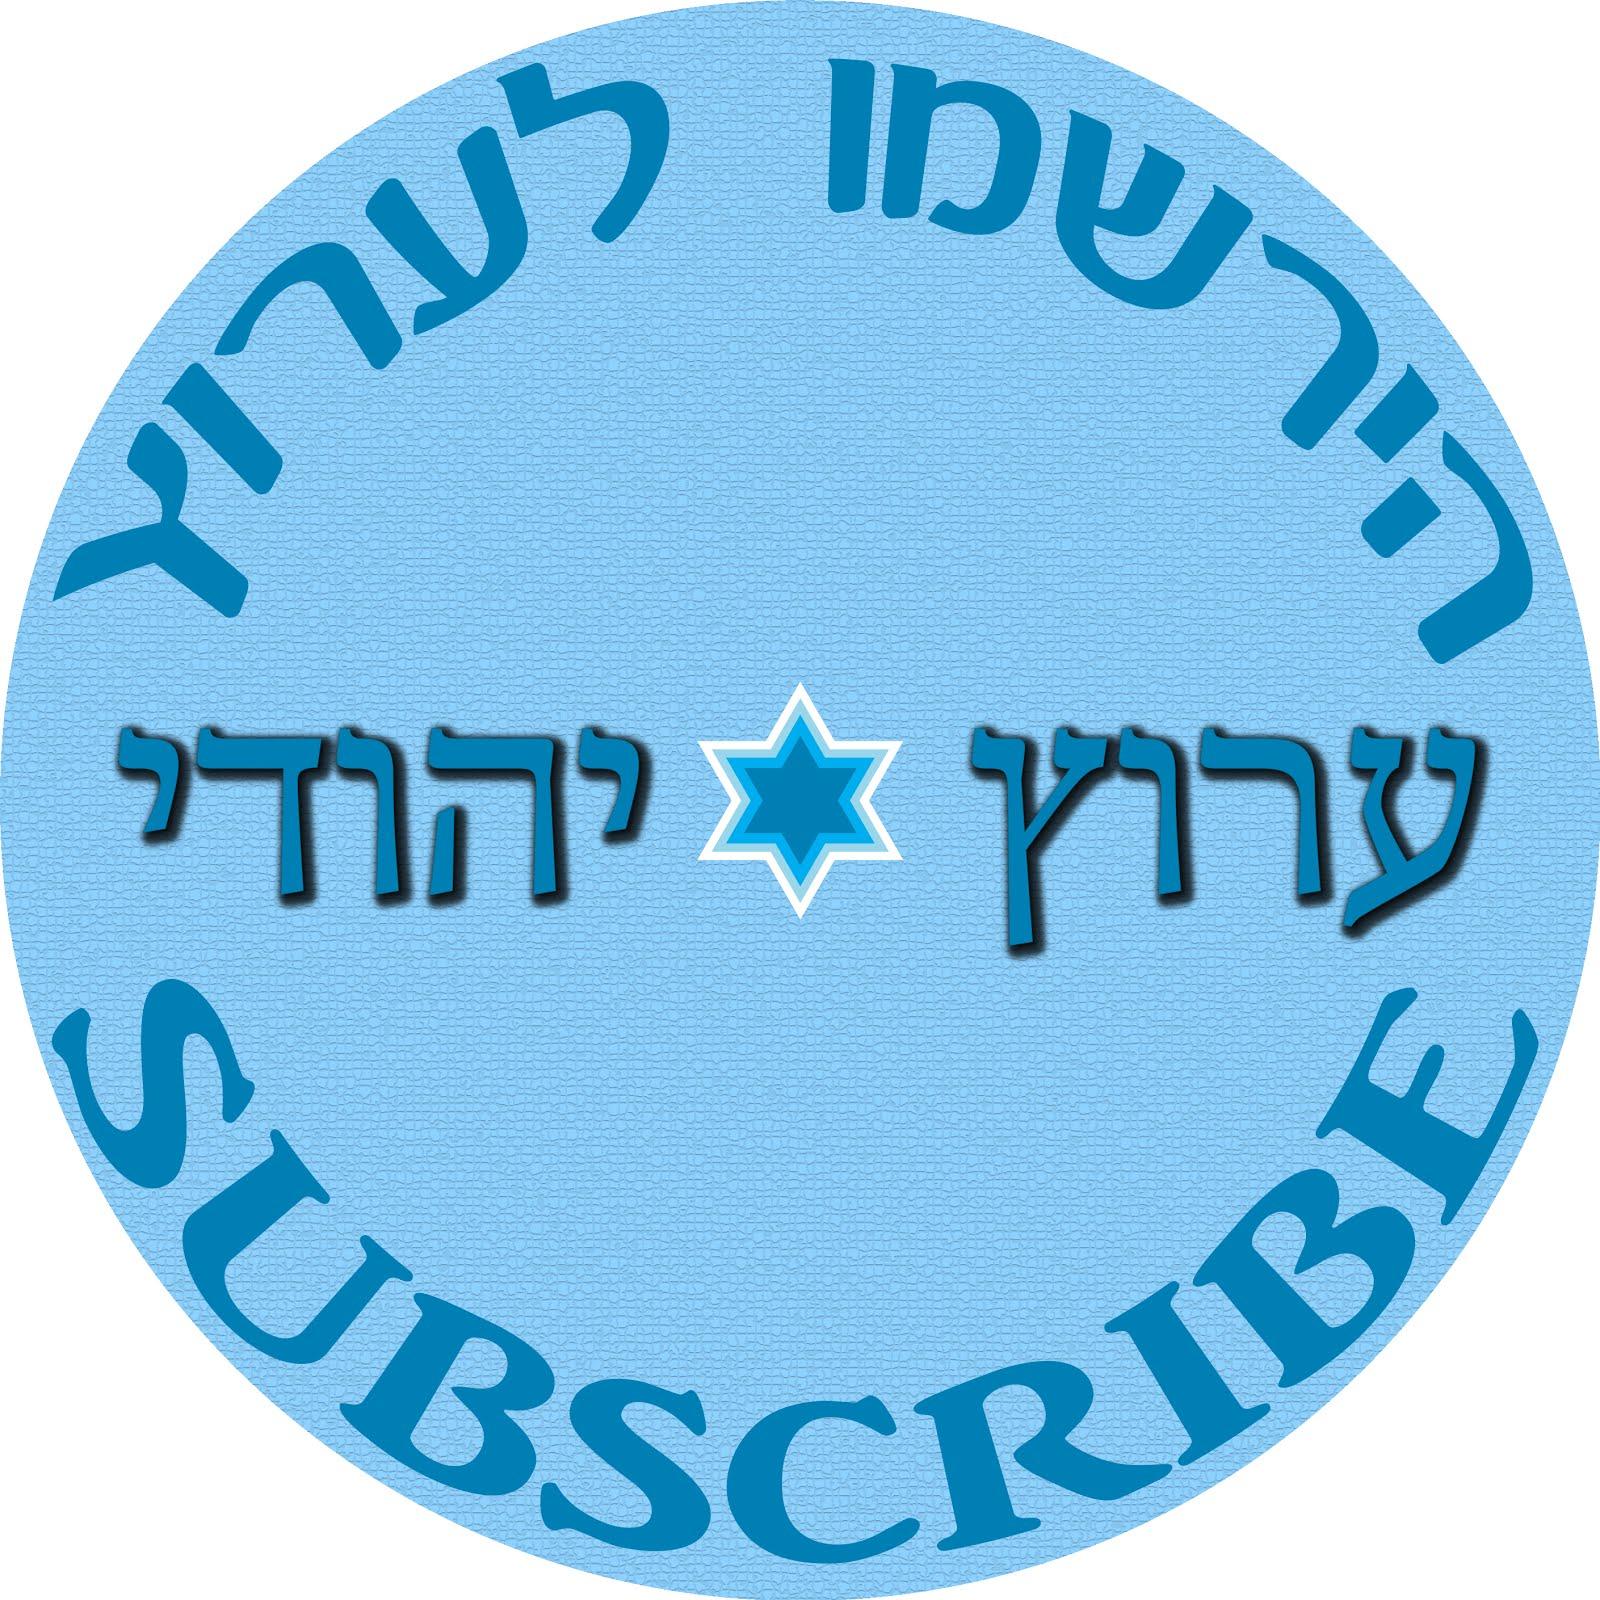 ערוץ יהודי - פרשת השבוע, הרצאות ודרשות יהדות